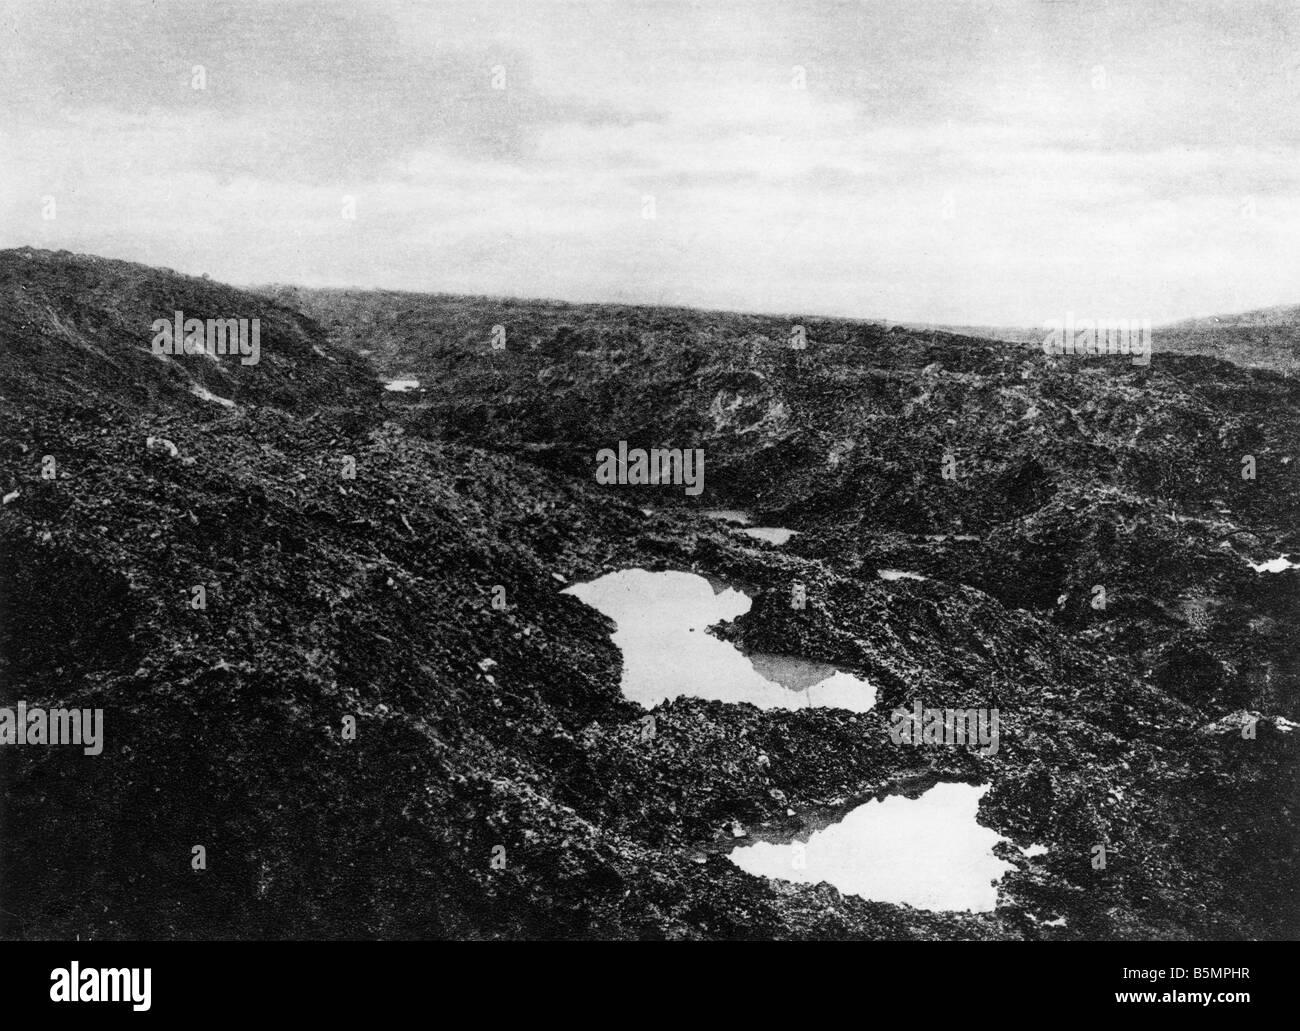 9 1916 10 24 A1 E Douaumont nach Rückeroberung 1916 Erster Weltkrieg 1914-18 1 Western Front Schlacht um Verdun Stockbild